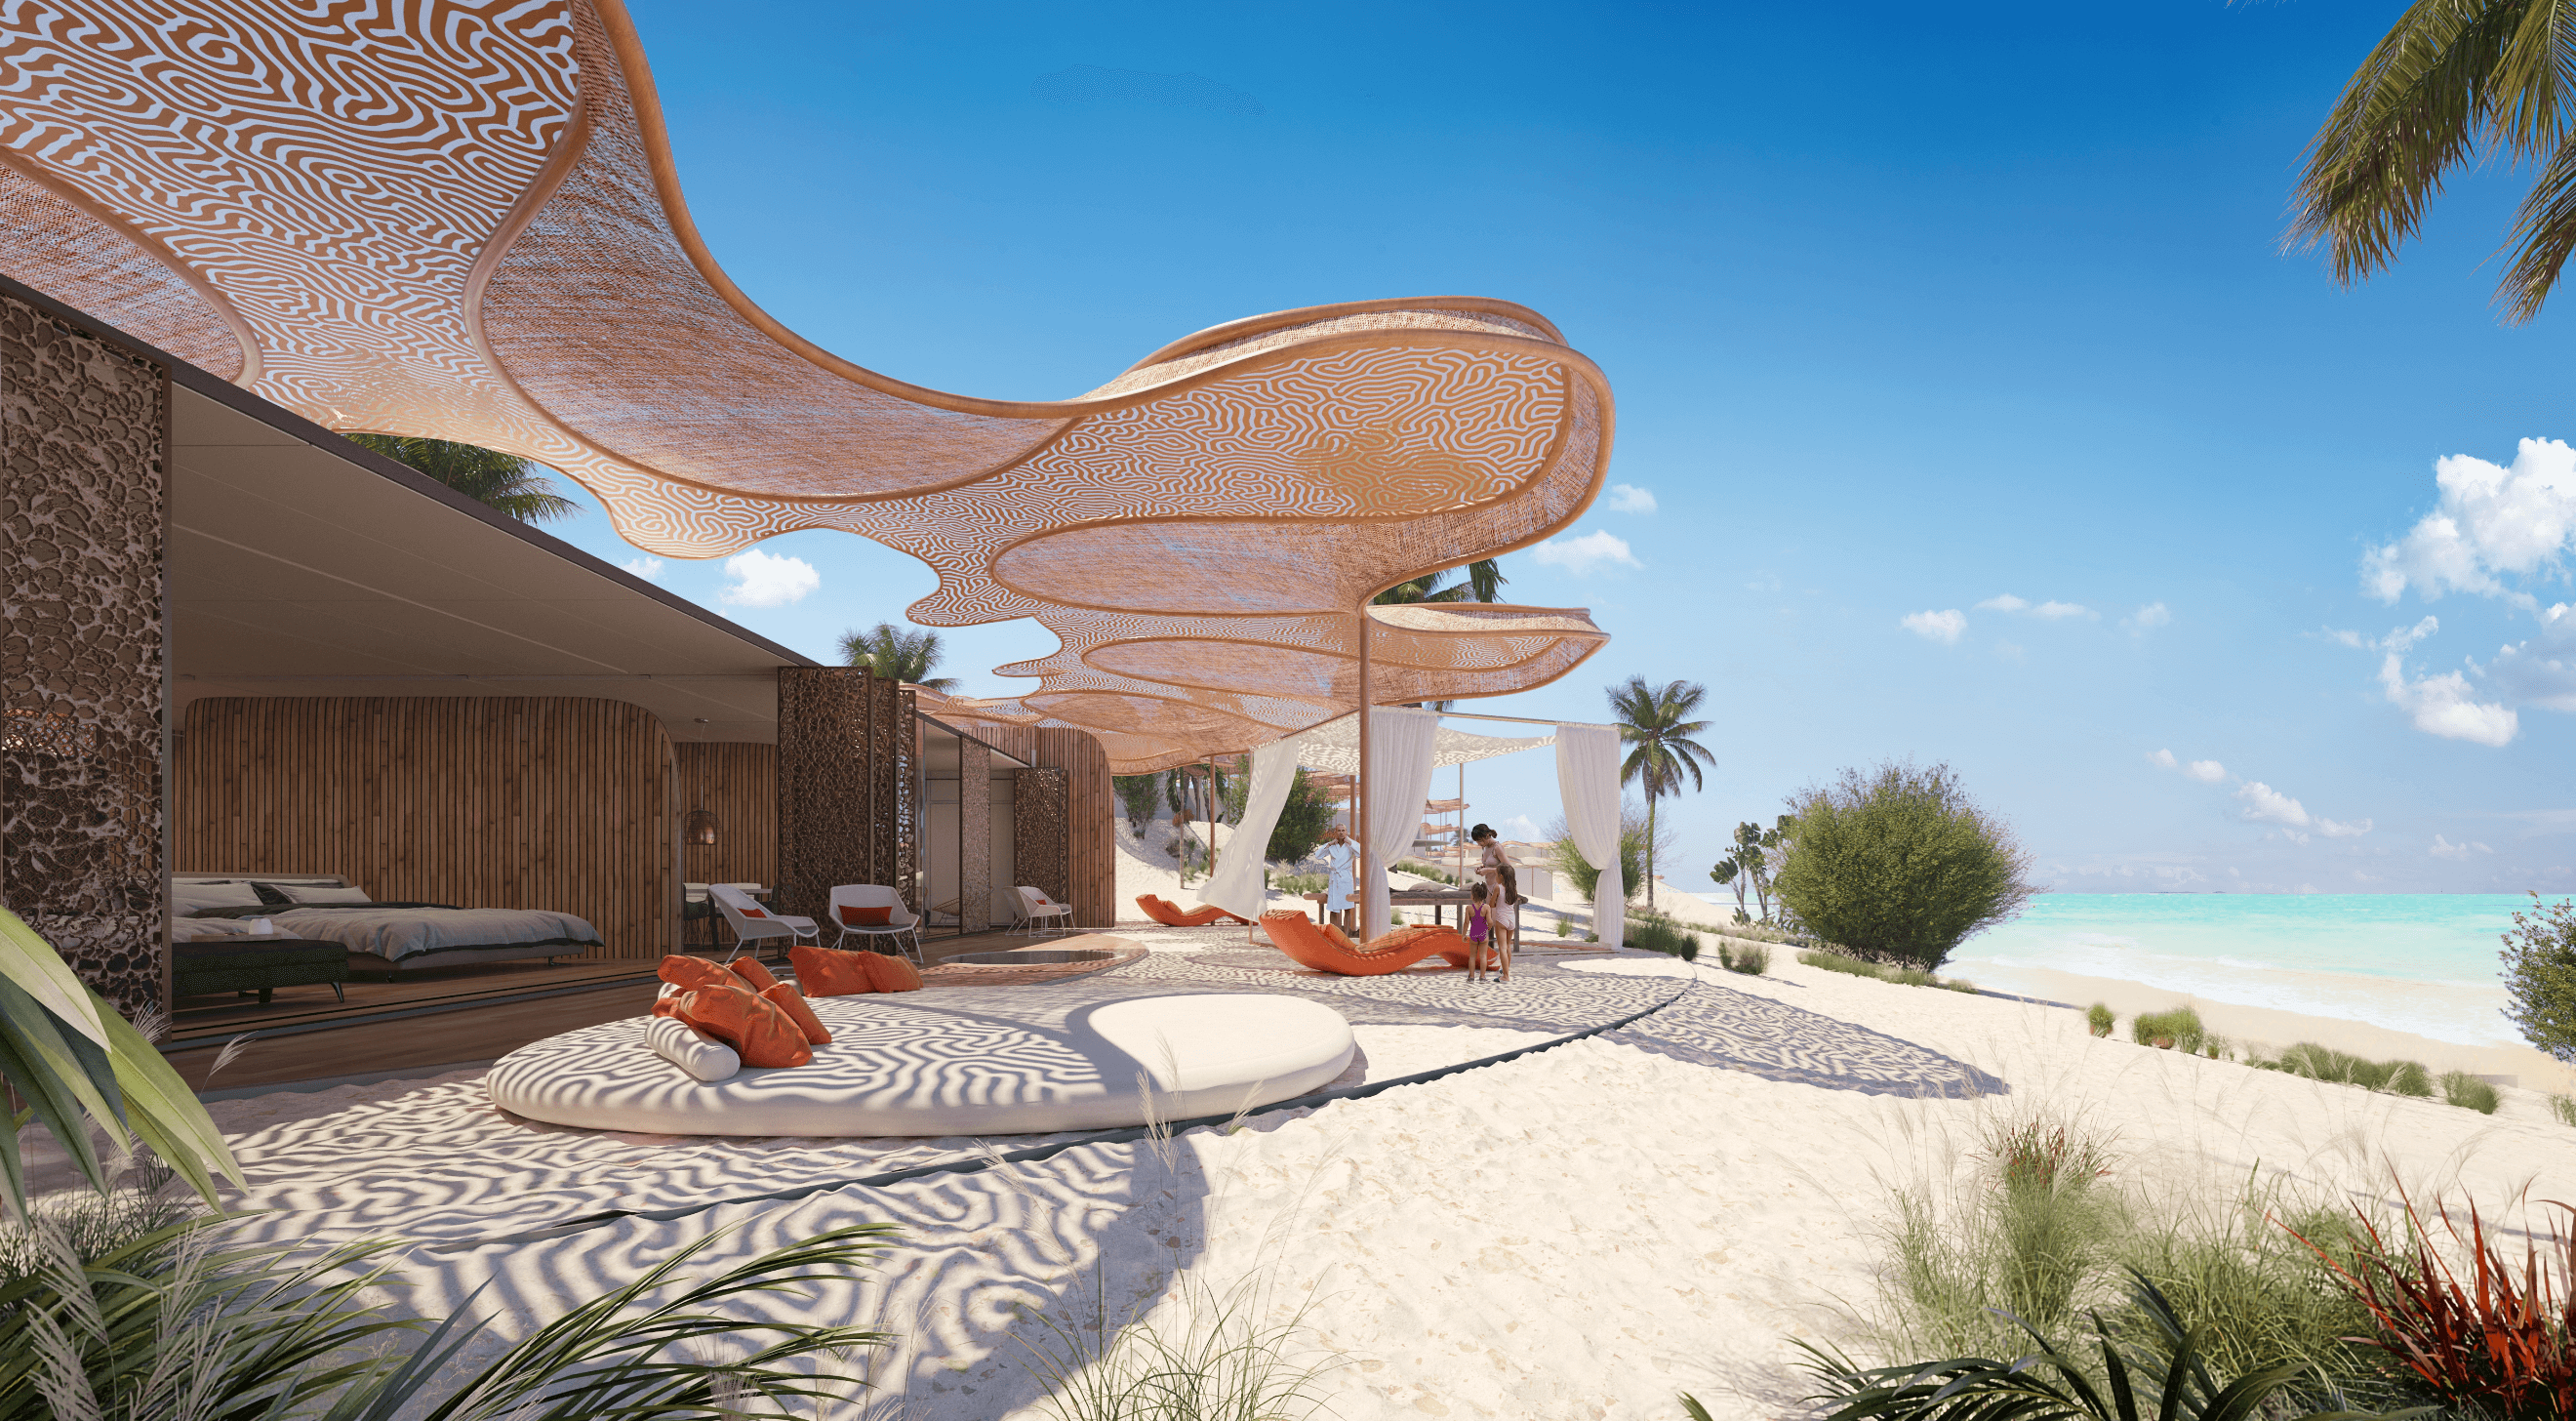 Shurayrah Island Saudi Arabia